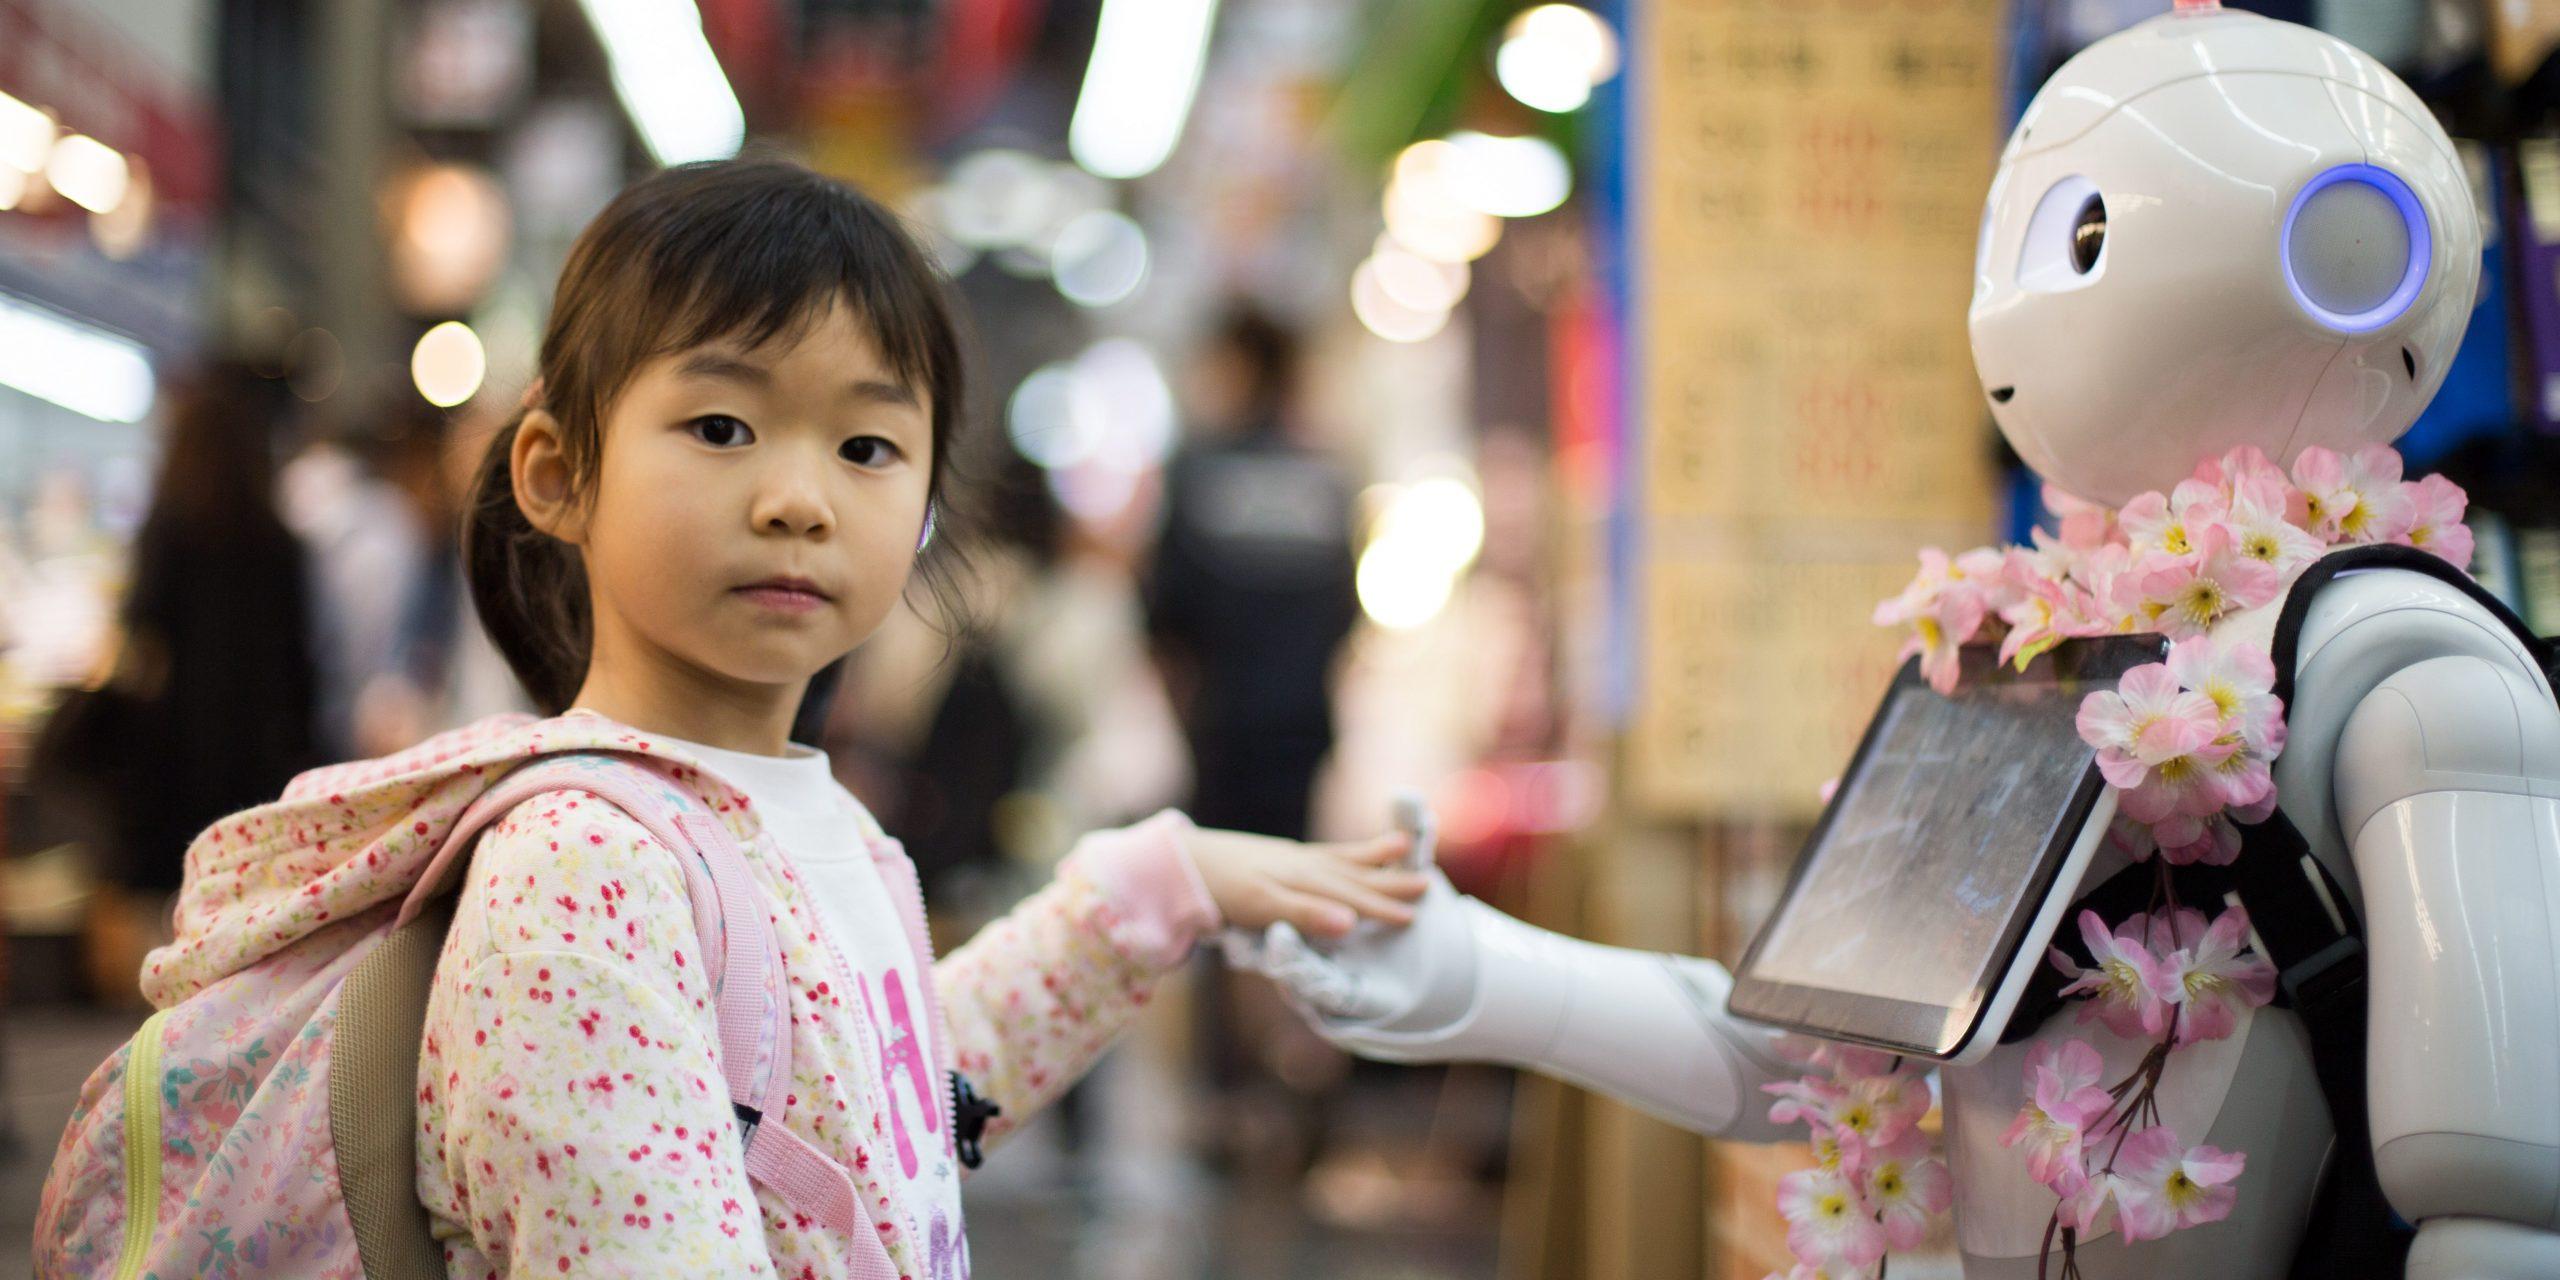 В России отрегулируют отношения человека с роботами и искусственным интеллектом